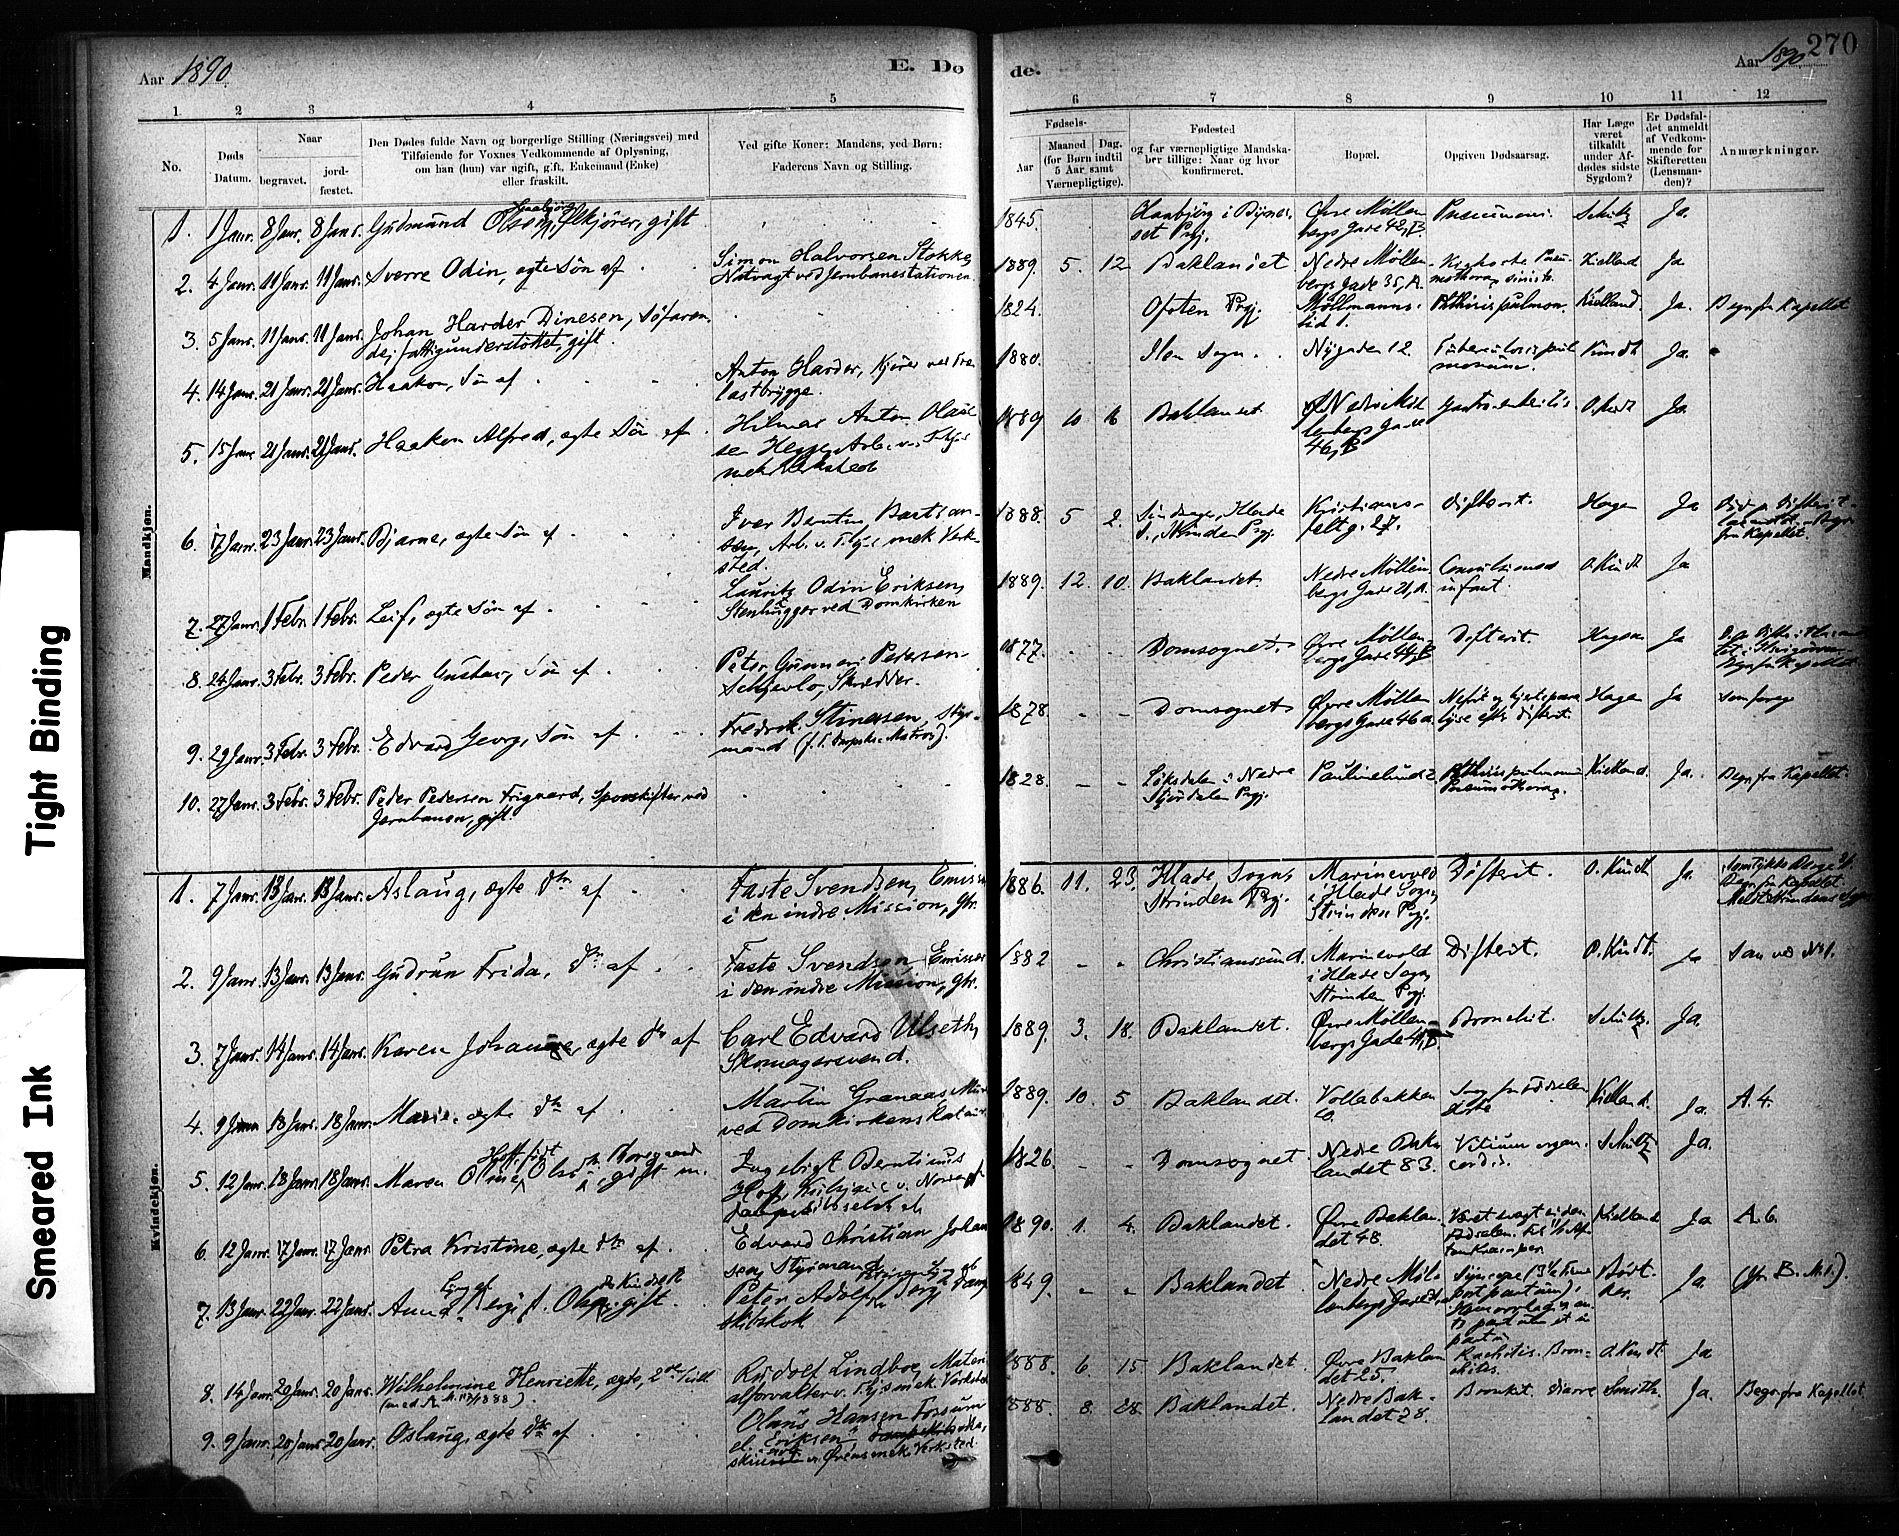 SAT, Ministerialprotokoller, klokkerbøker og fødselsregistre - Sør-Trøndelag, 604/L0189: Ministerialbok nr. 604A10, 1878-1892, s. 270